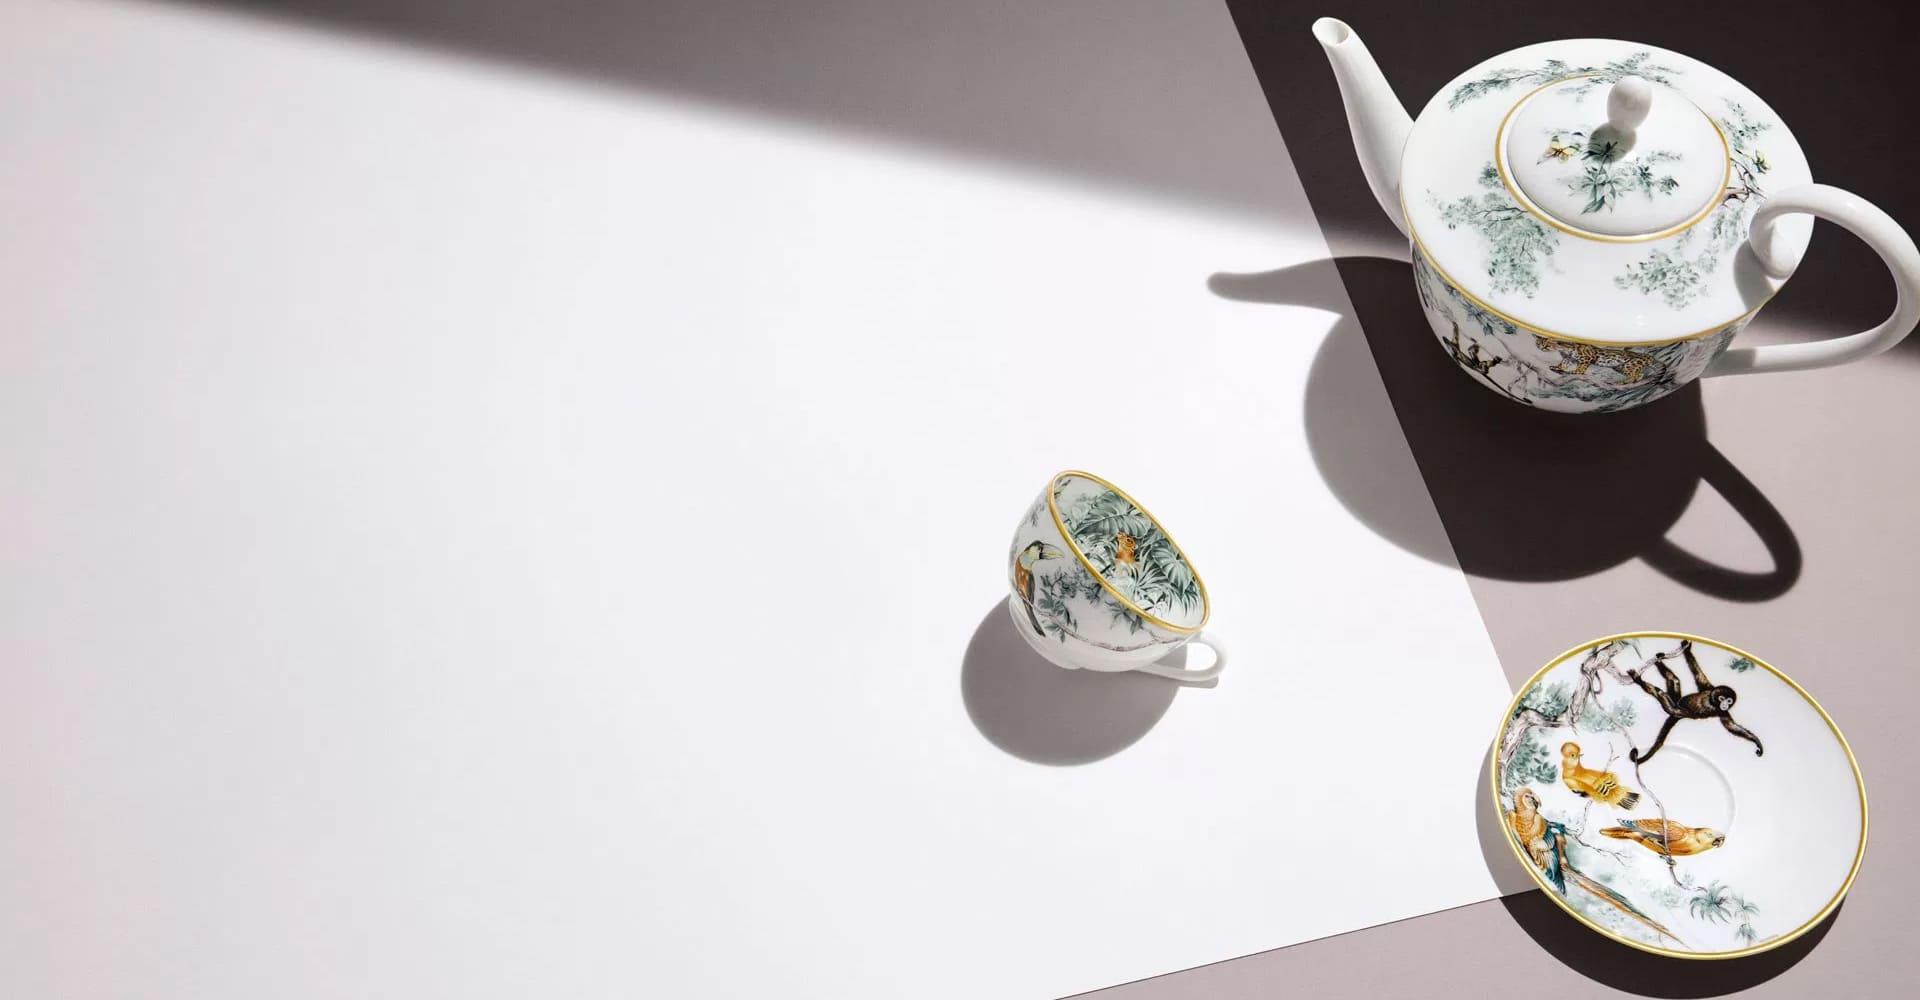 Piatti in porcellana di Hermes carnets